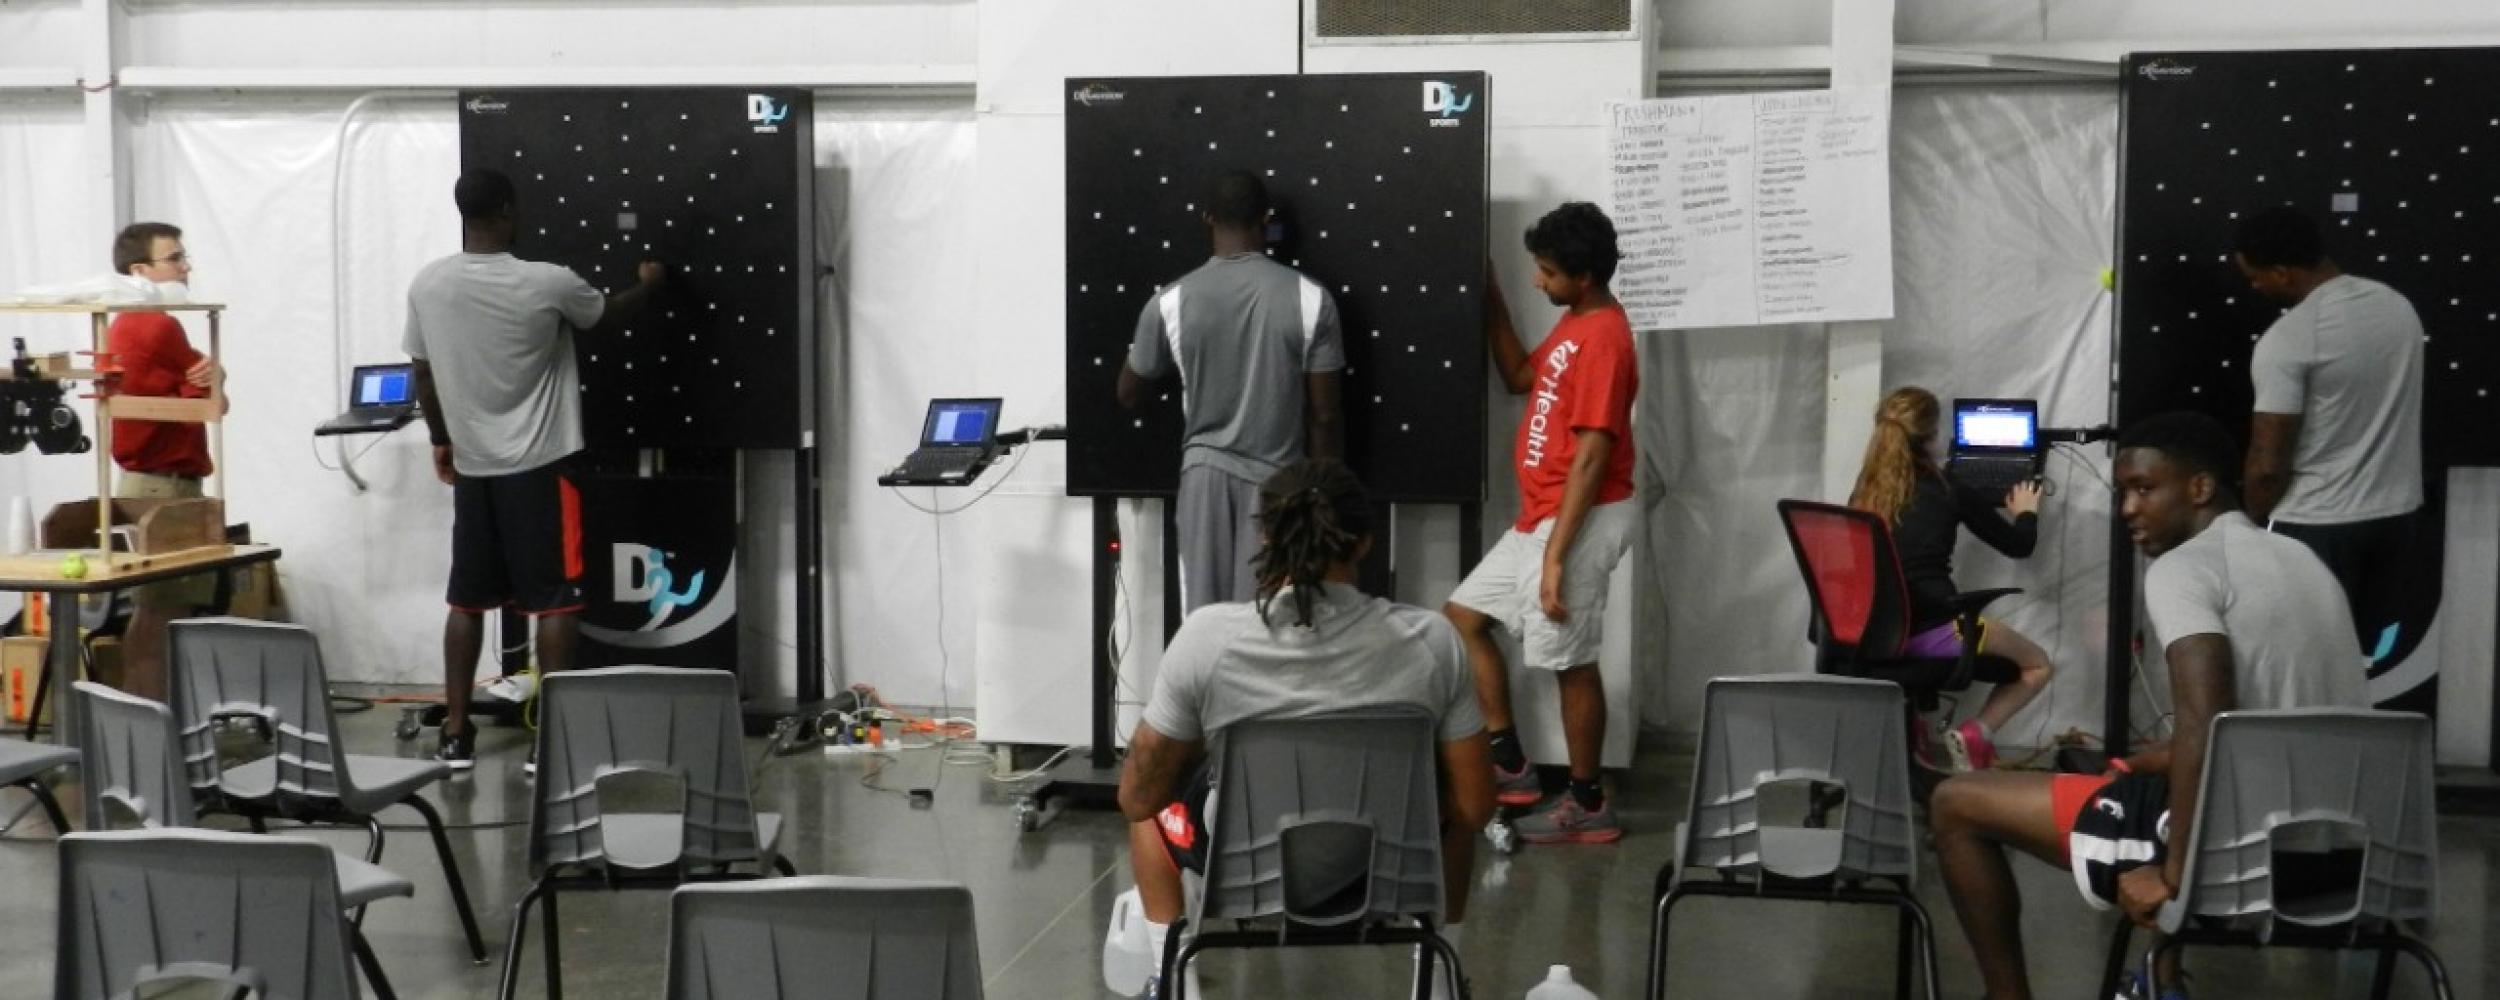 UC athletes undergo Dynavision training